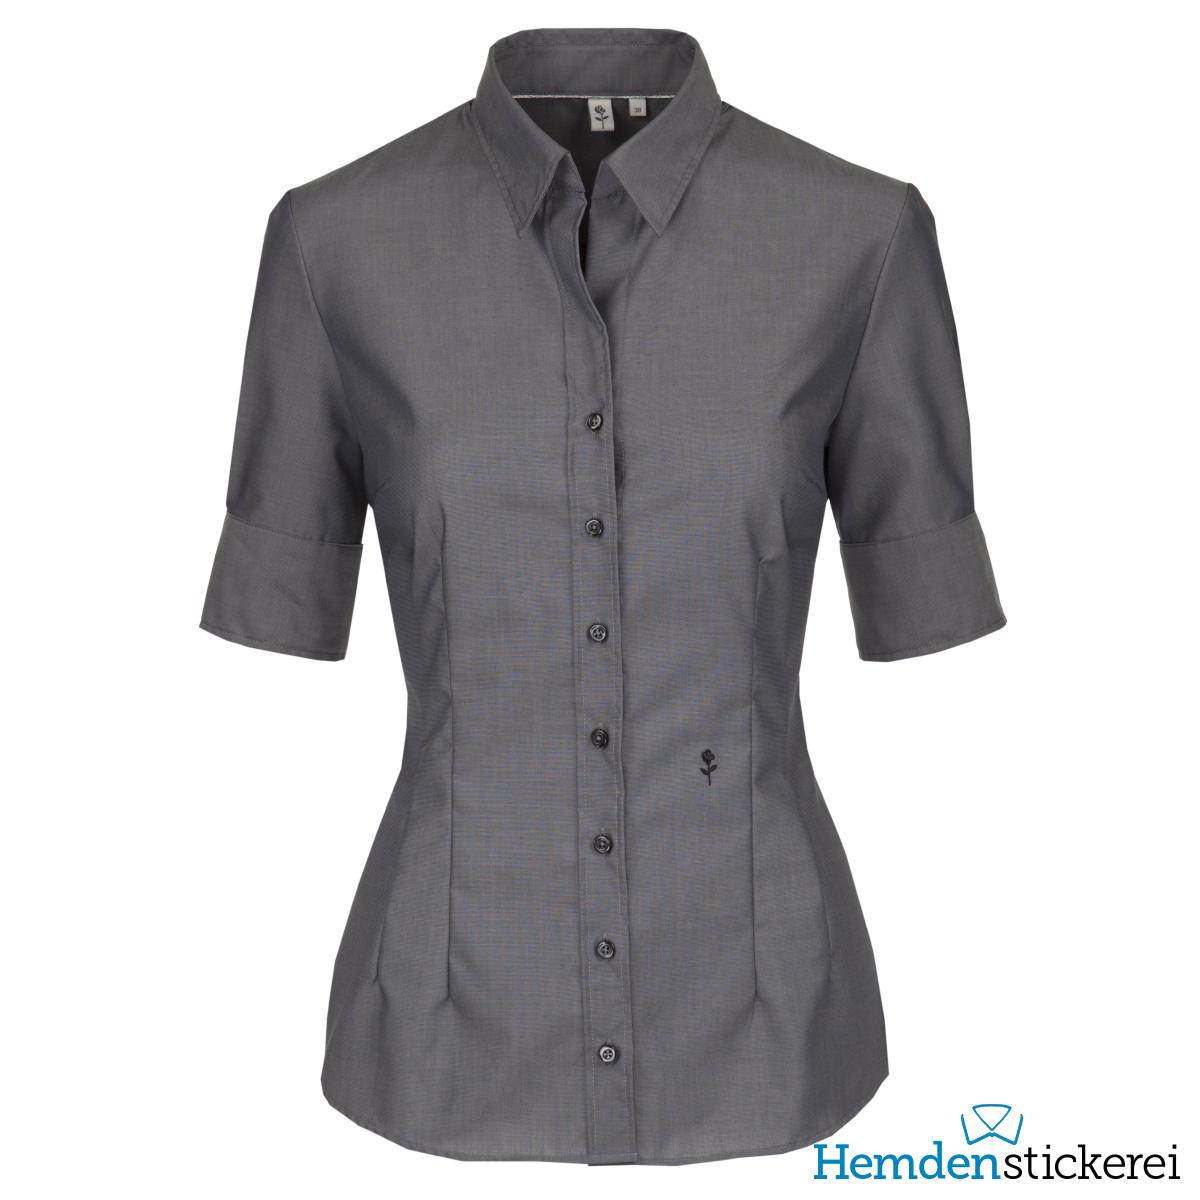 ... Seidensticker Damen Bluse SLIM 1 2 Arm Kent-Kragen bügelfrei Grau Seite  zurück. inkl. Stick. lightbox 206c67b022